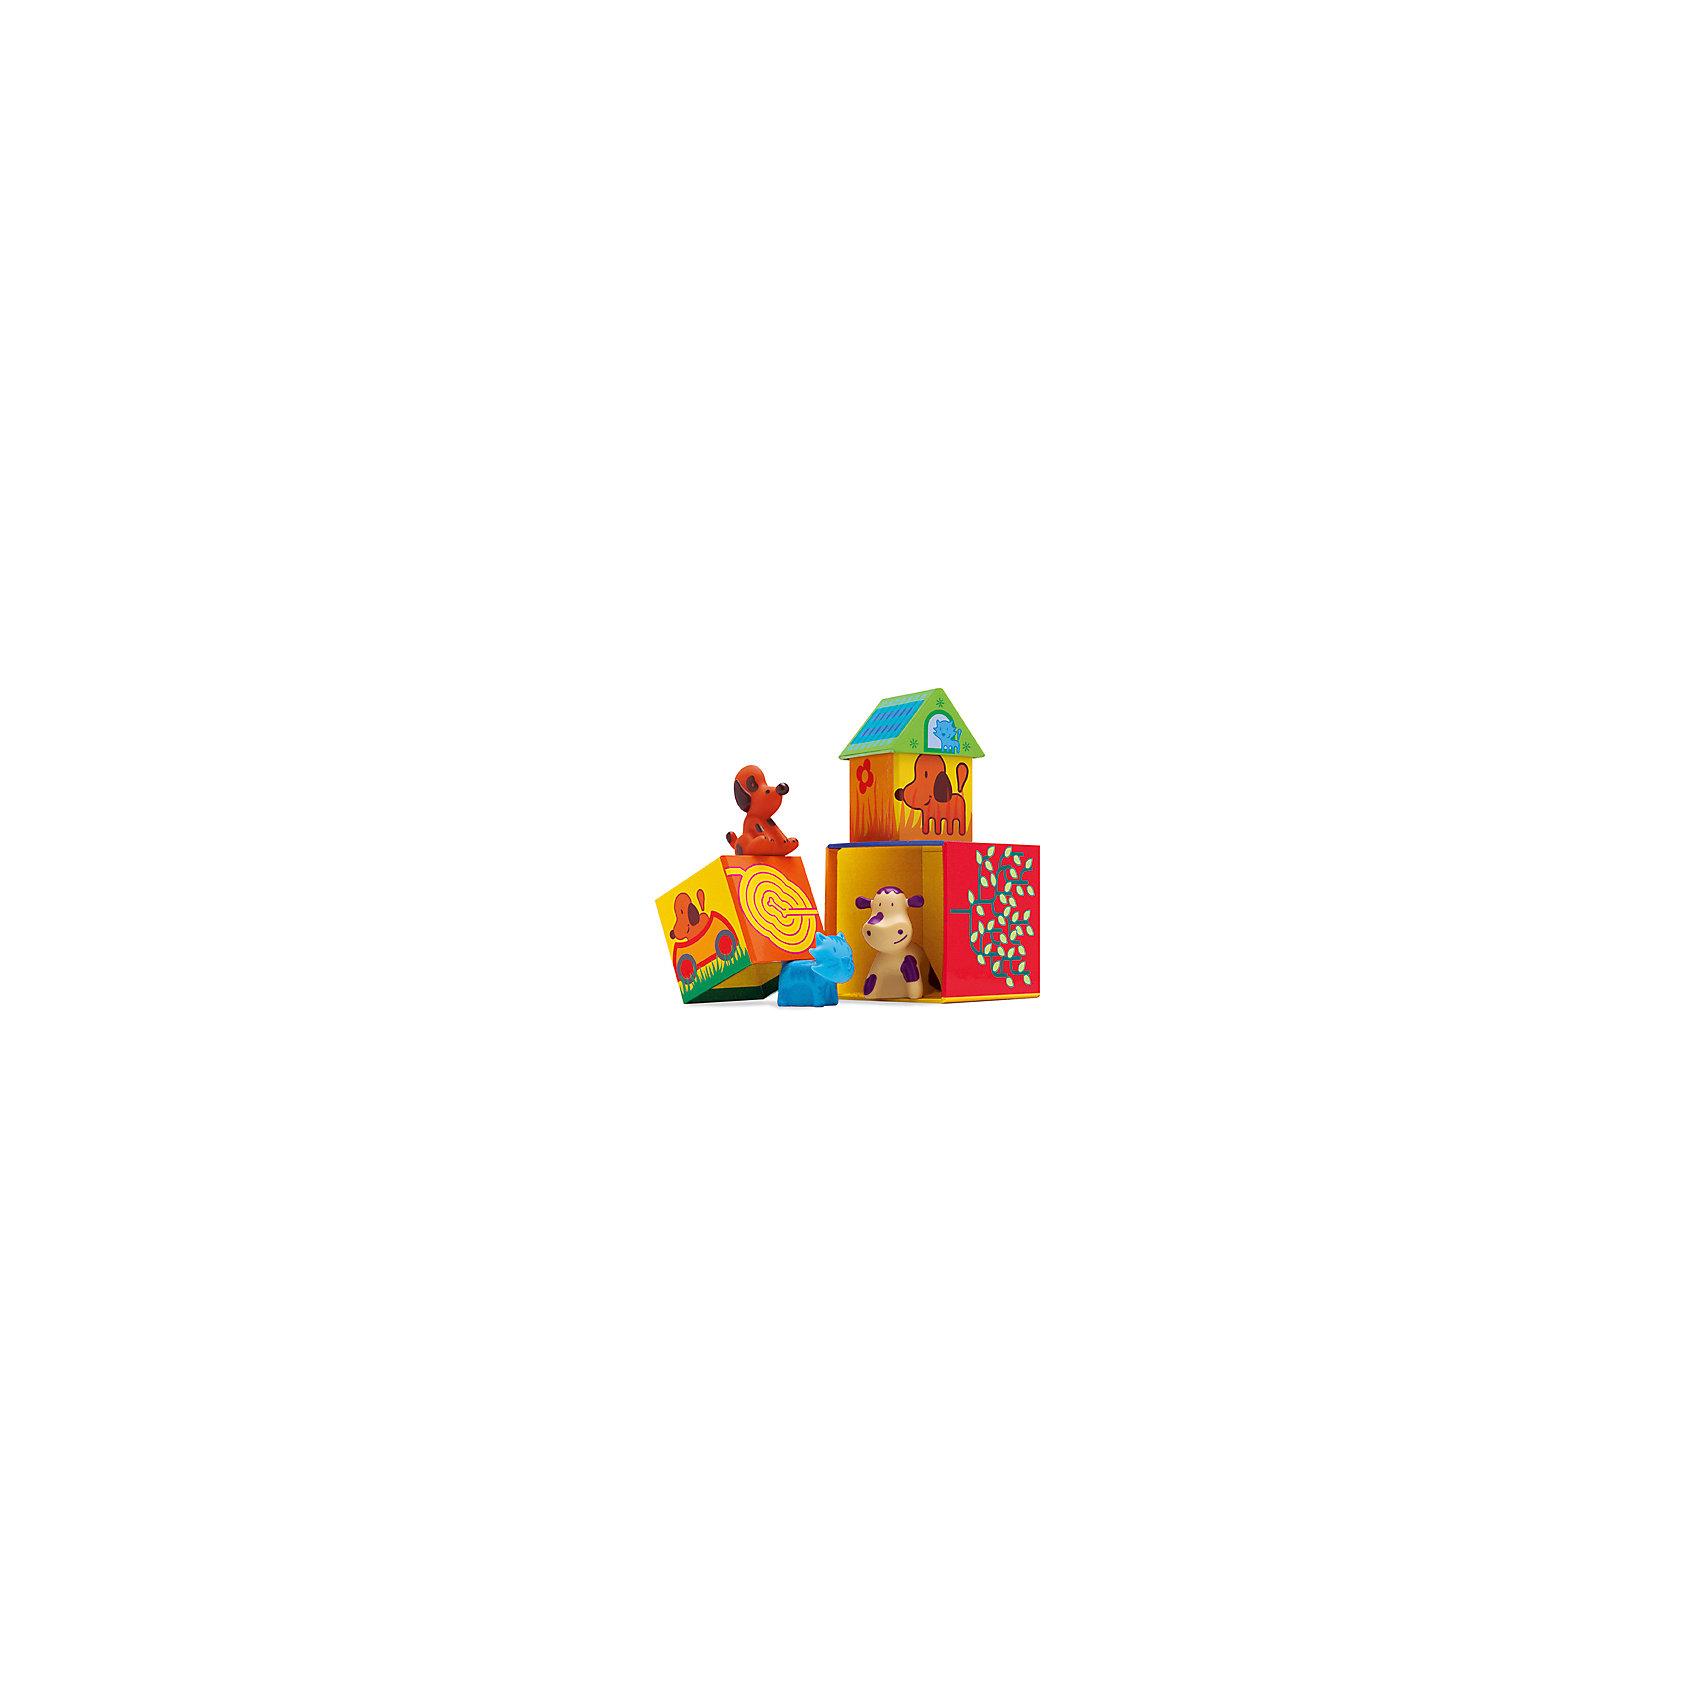 Набор Кубанимо ( 14 куб.+ 3 жив.) , DJECOРазвивающие игры<br>Развивающий набор «Кубанимо» - красочная и увлекательная игра для самых маленьких. Малышу предоставляется возможность создать чудо - городок для забавных зверят. А затем,  можно поиграть в сюжетно-ролевую игру, главную роль в которой возьмет на себя ребенок. Домики выполнены из плотного яркого картона, фигурки животных резиновые, игрушки экологически безопасны, приятны для детских ручек, и способствуют развитию тактильных  ощущений. Набор для детского развития идеально подходит для игры вместе с другими детьми. <br><br>Дополнительная информация:<br><br>- Материал: картон, пластик, резина.<br>- Размер упаковки: 21х24х15 см.<br>- Комплектация: 3 фигурки, 14 кубиков, инструкция.<br>- Количество игроков: 1 - 3 <br><br>Набор Кубанимо ( 14 куб.+ 3 жив.) , DJECO (Джеко), можно купить в нашем магазине.<br><br>Ширина мм: 210<br>Глубина мм: 235<br>Высота мм: 150<br>Вес г: 260<br>Возраст от месяцев: 18<br>Возраст до месяцев: 36<br>Пол: Унисекс<br>Возраст: Детский<br>SKU: 4051902